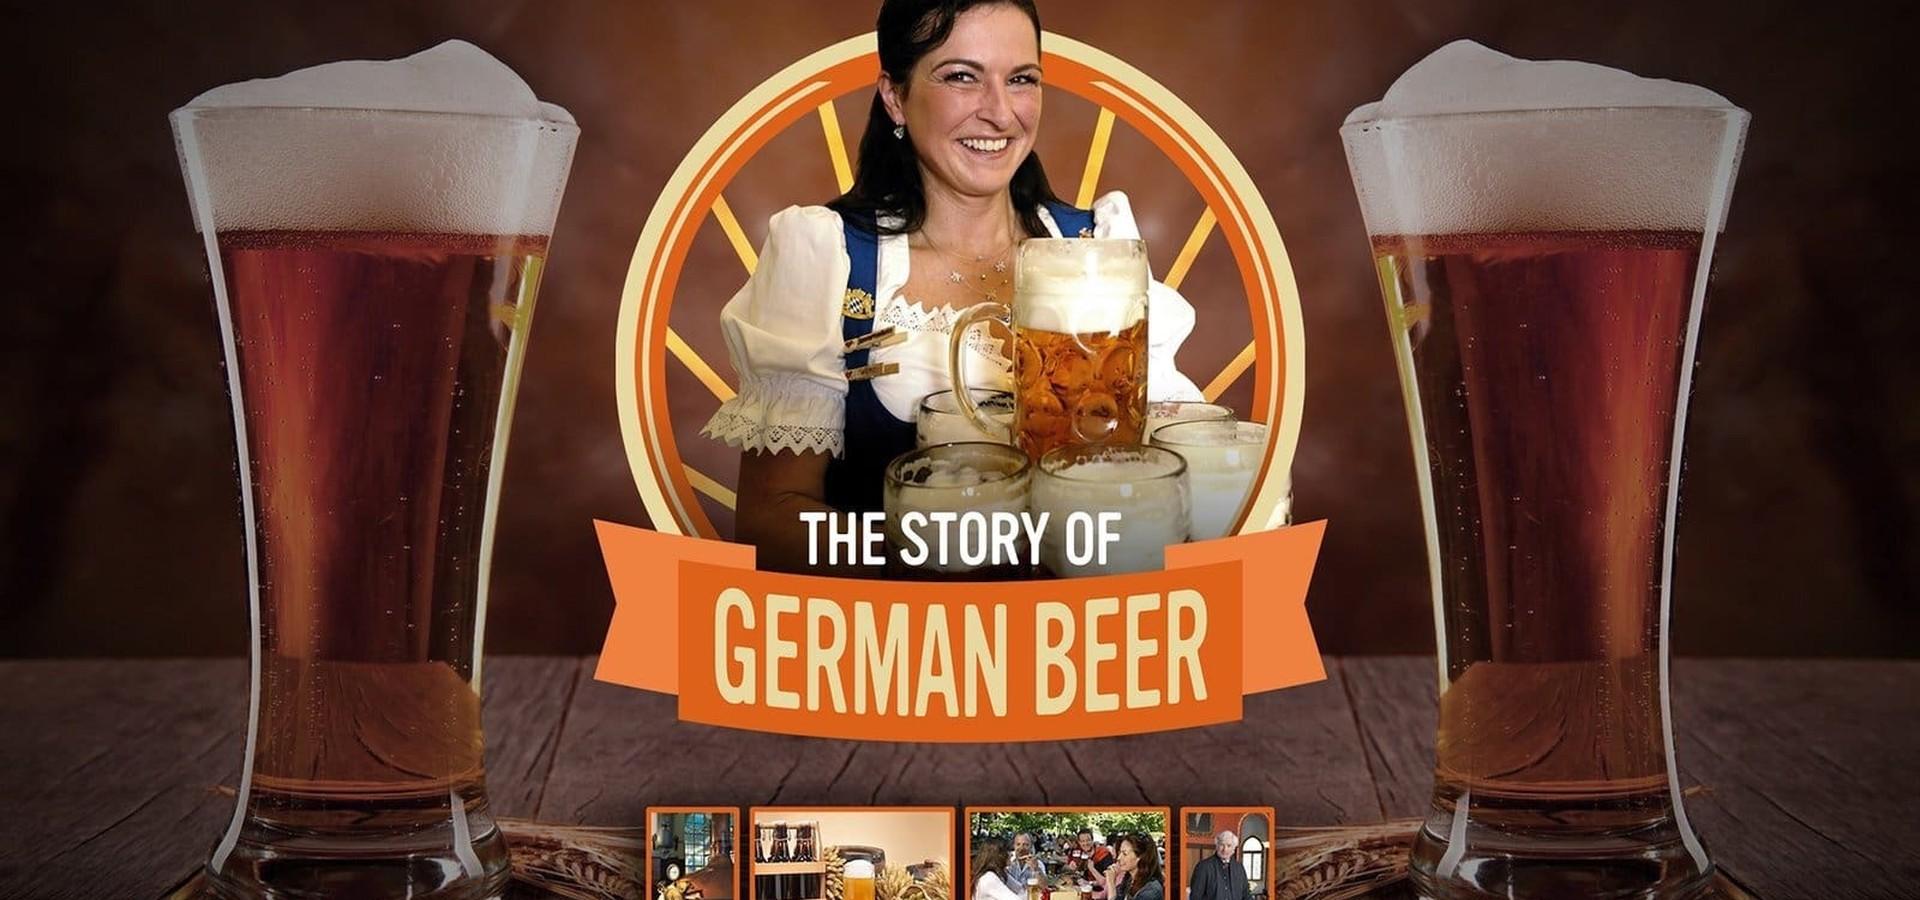 The Story of German Beer